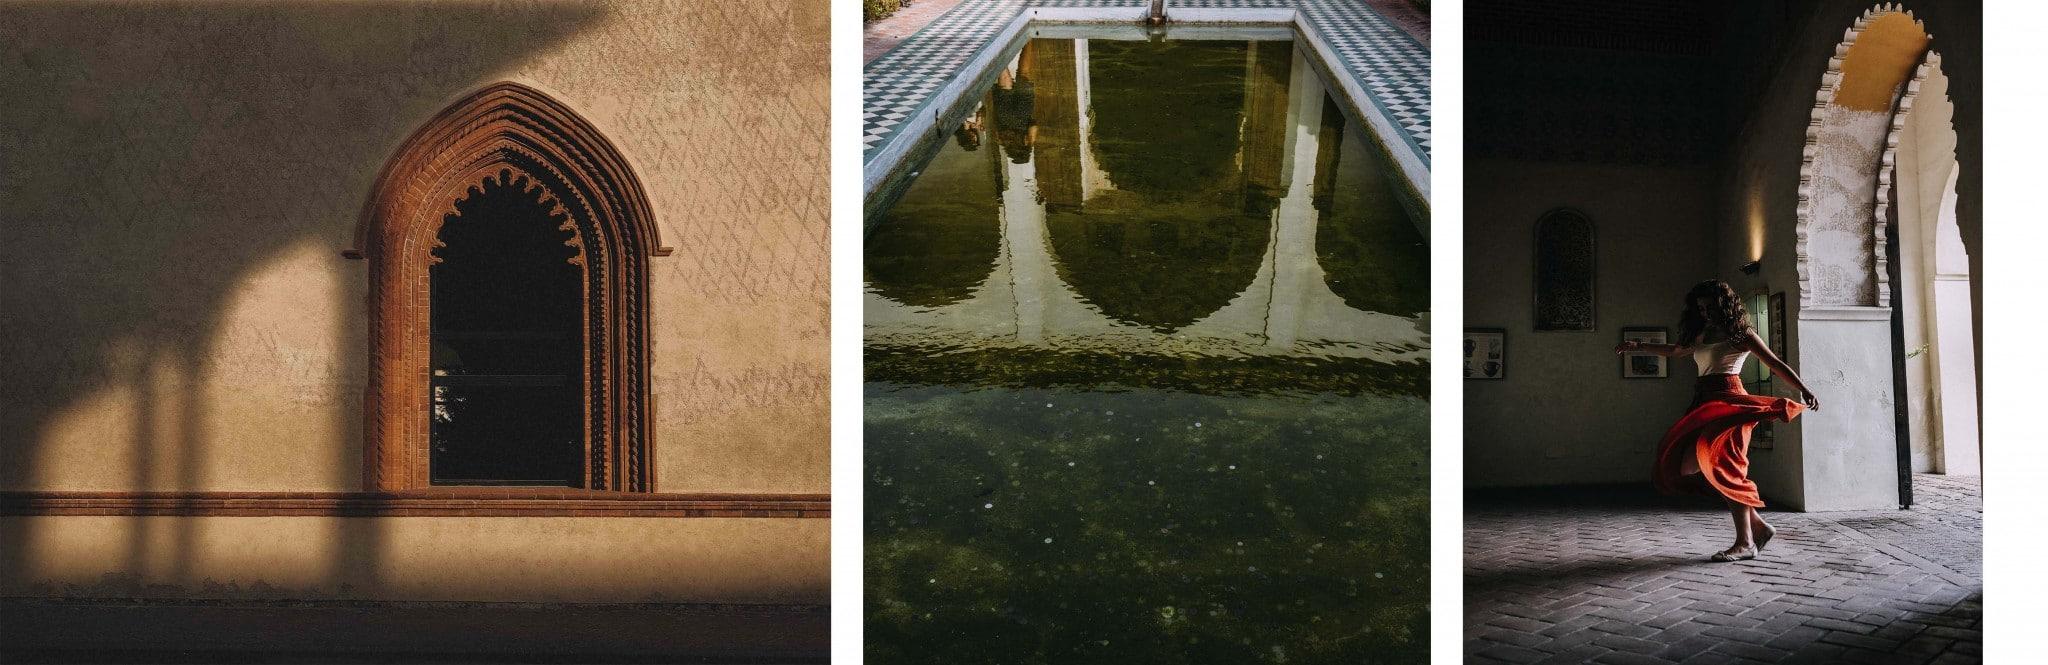 viajes fotografia de viajes como hacer fotografía de viajes teórica del caos teoricadelcaos